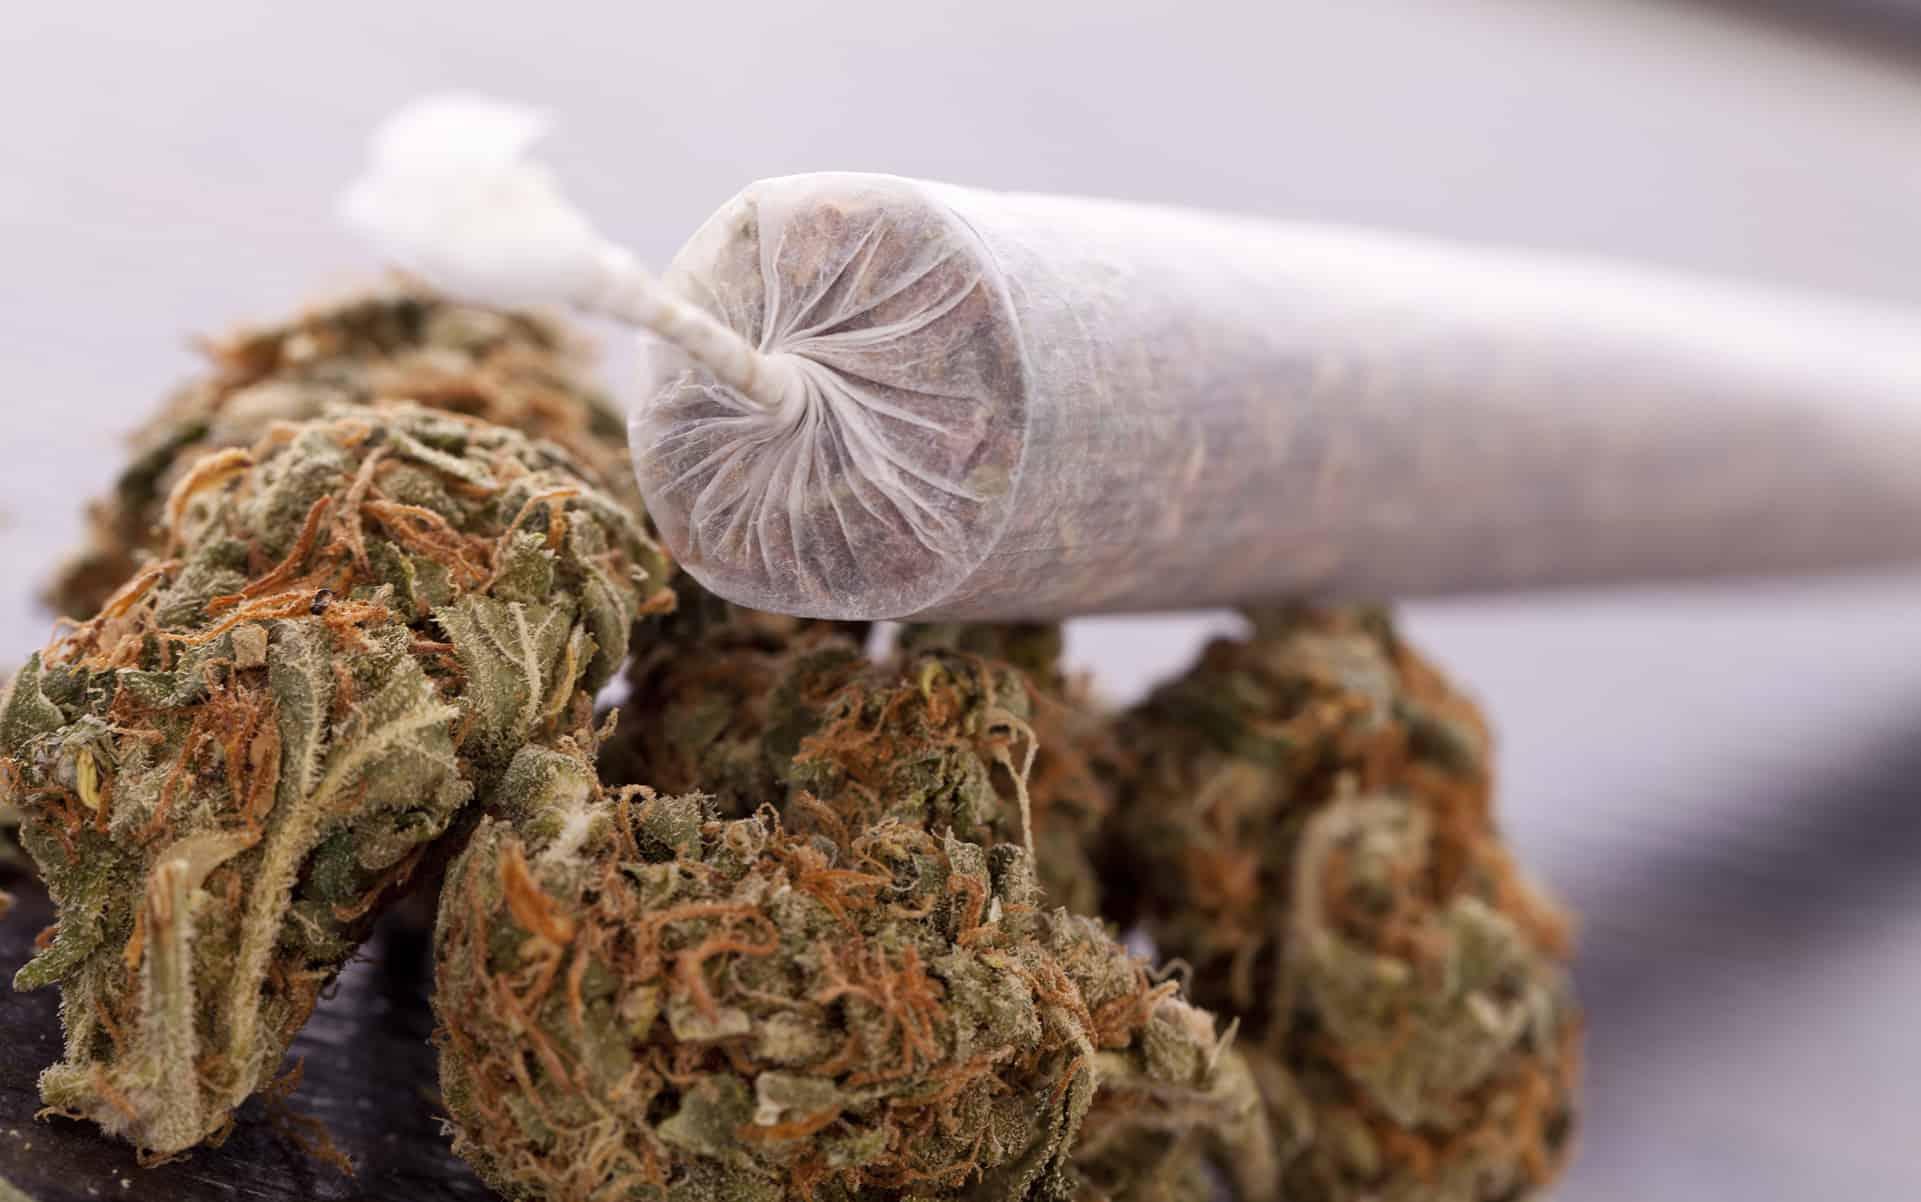 大麻の巻き方「裏返し巻き(バックワード)」ーゆっくり燃えるジョイント!?ー